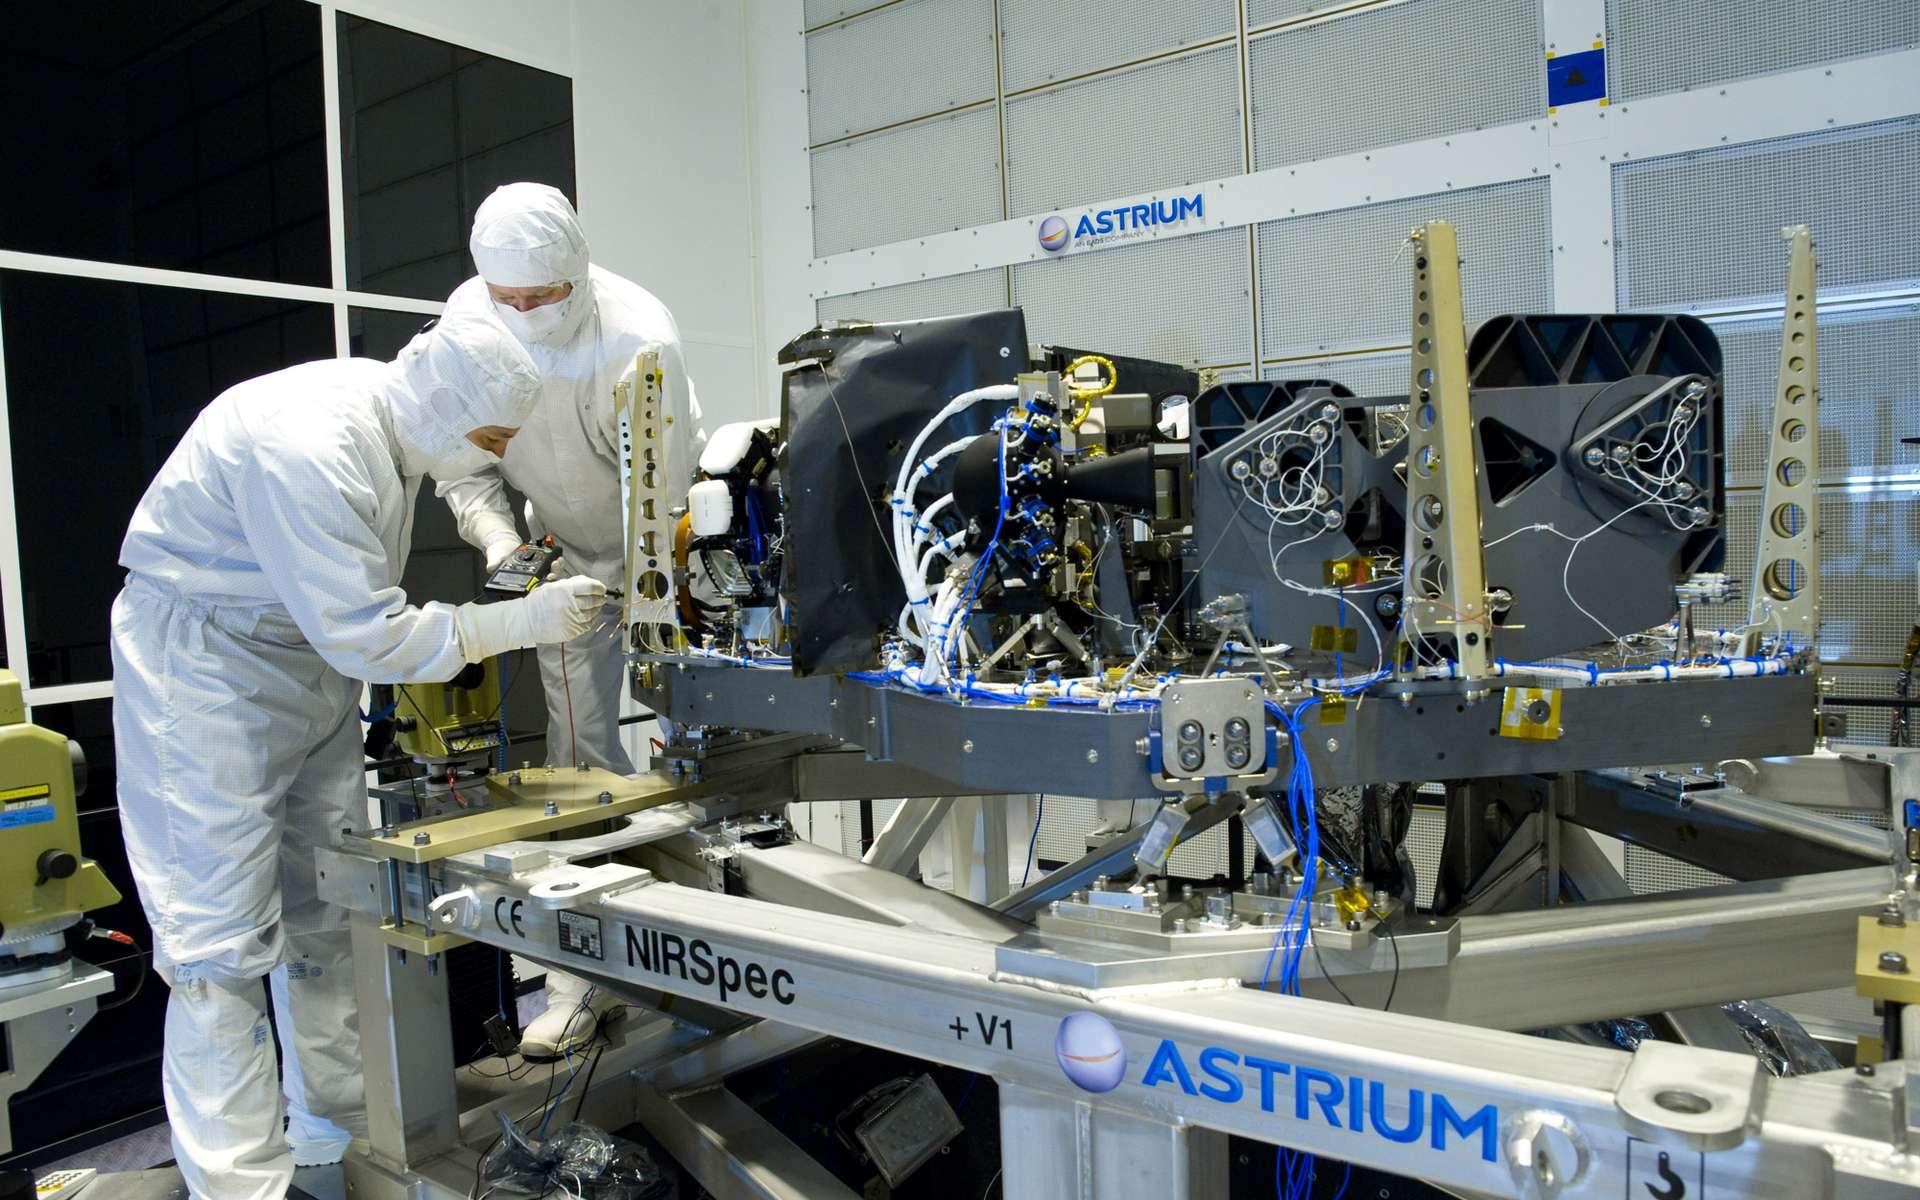 Intégration du spectrographe infrarouge NIRSpec (Near Infrared Spectrograph) sur le site d'Astrium à Ottobrunn en Bavière (Allemagne). © J. Dannenberg, Astrium, 2013